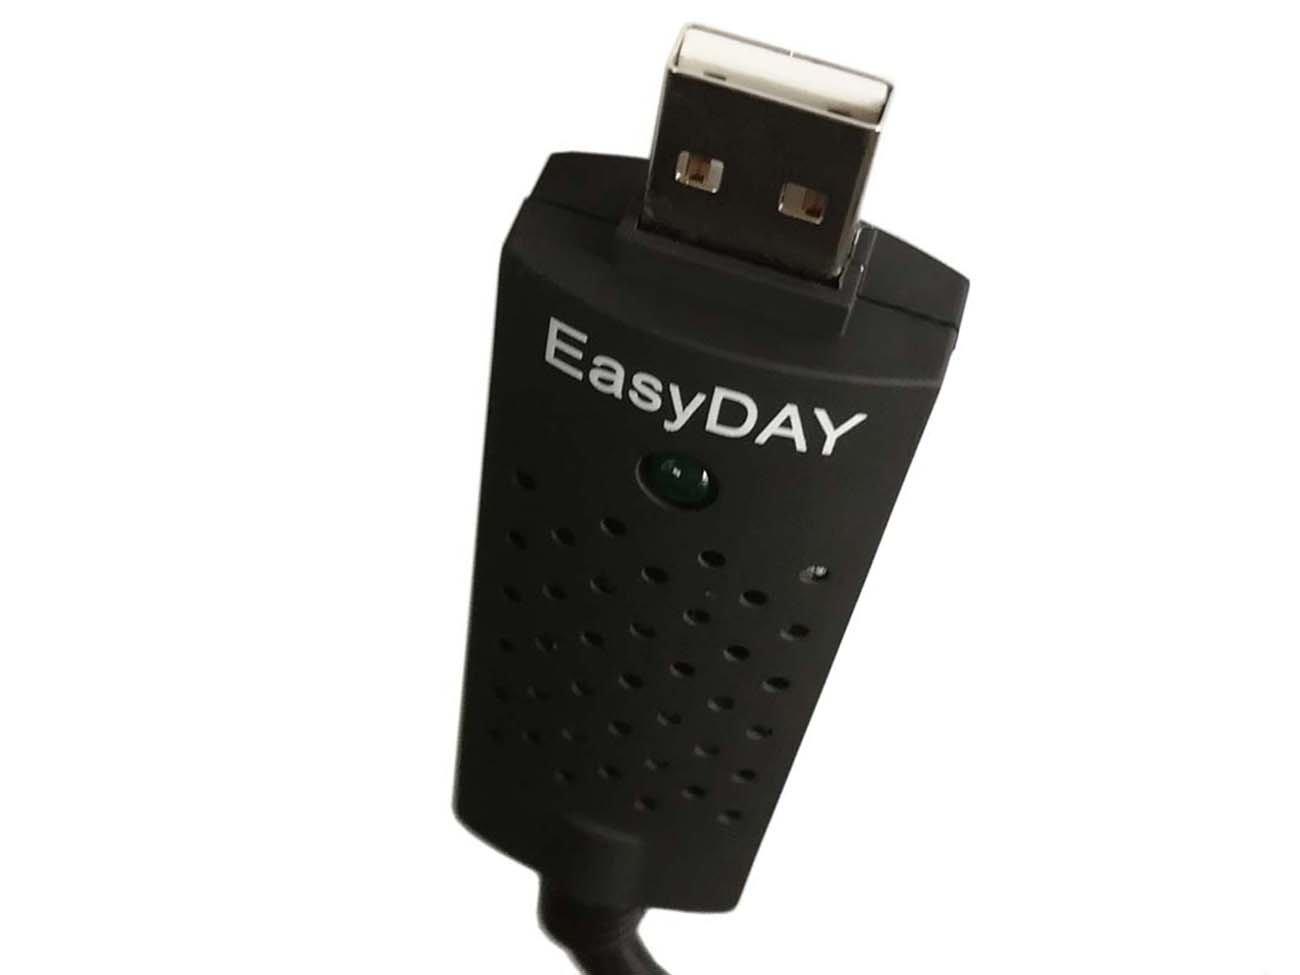 Easyday DC60 USB 2.0 Adaptateur de Carte de Capture vid/éo Audio Grabber Easycap avec ChipSet UTV 007 pour Windows 7 8 10